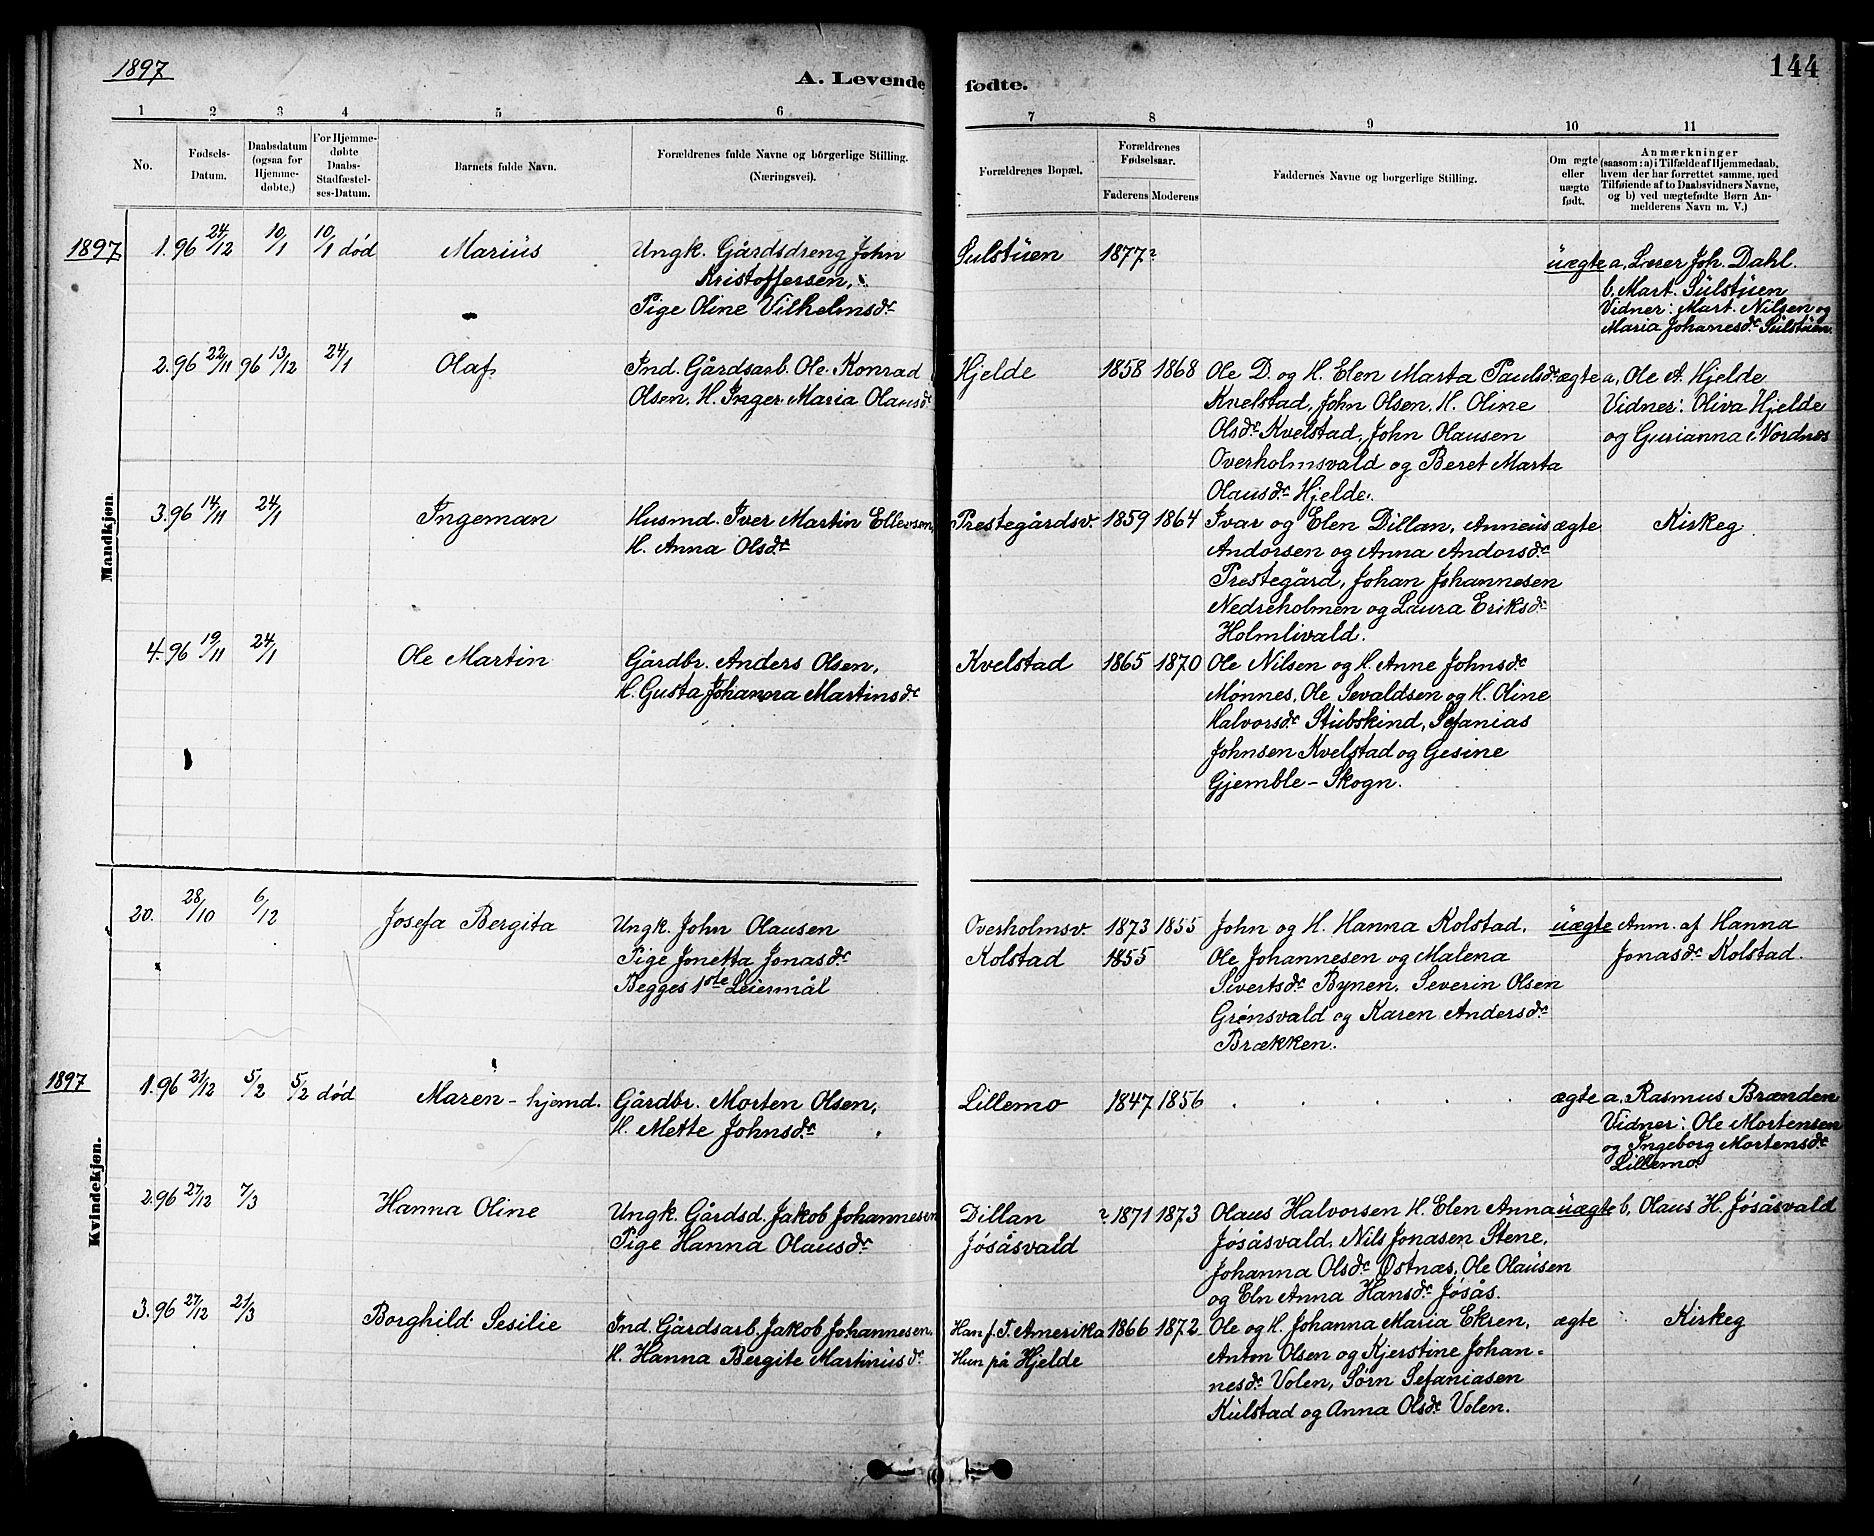 SAT, Ministerialprotokoller, klokkerbøker og fødselsregistre - Nord-Trøndelag, 724/L0267: Klokkerbok nr. 724C03, 1879-1898, s. 144